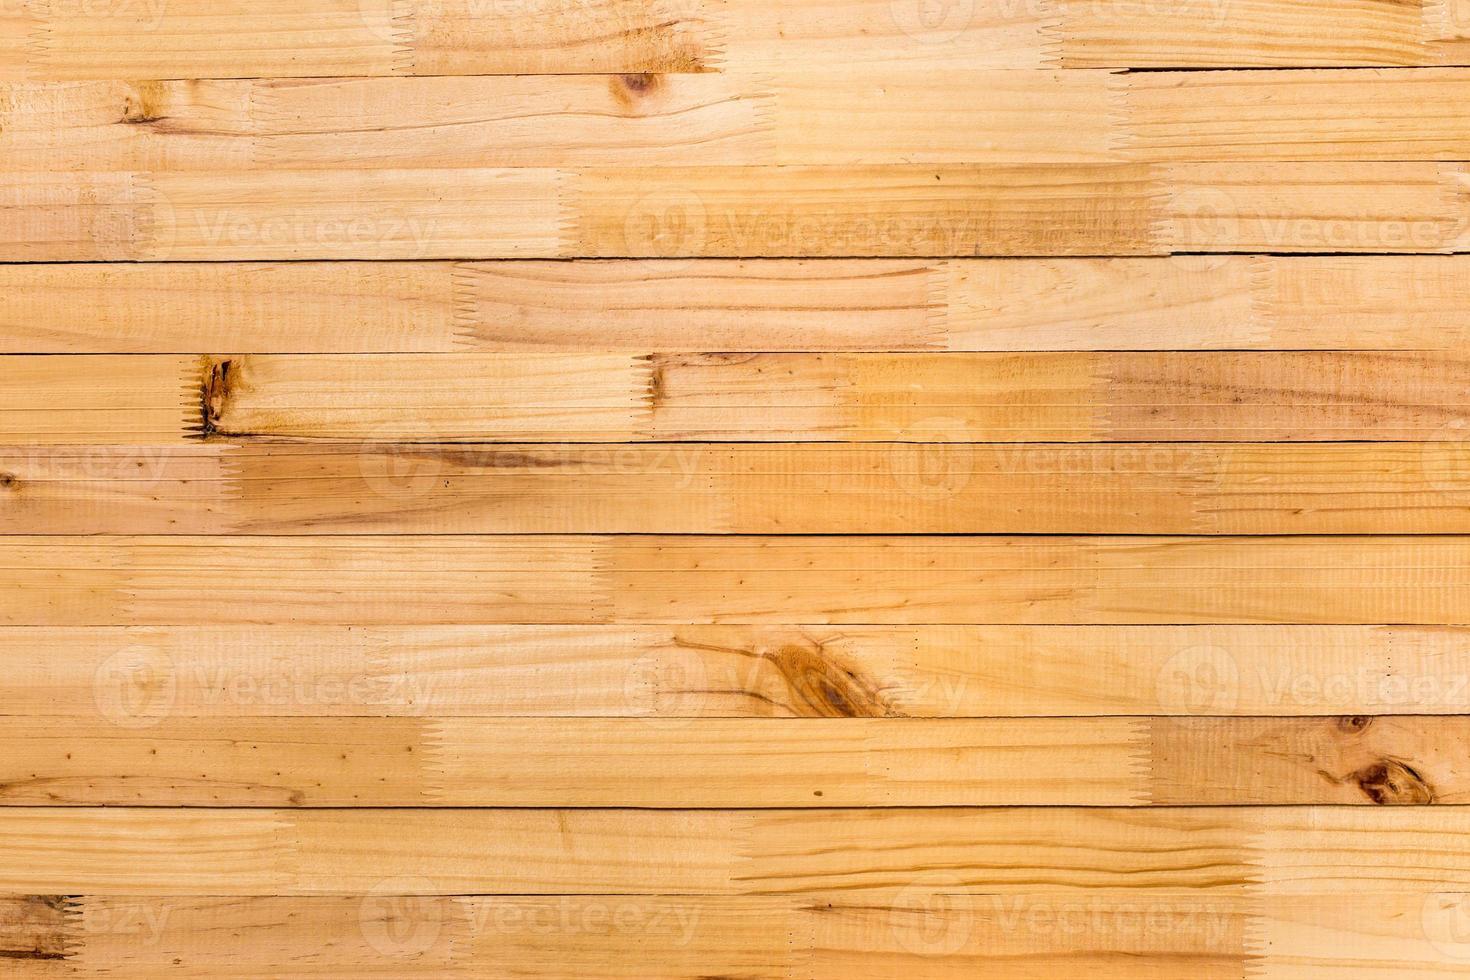 Holz Textur / Holz Textur Hintergrund foto